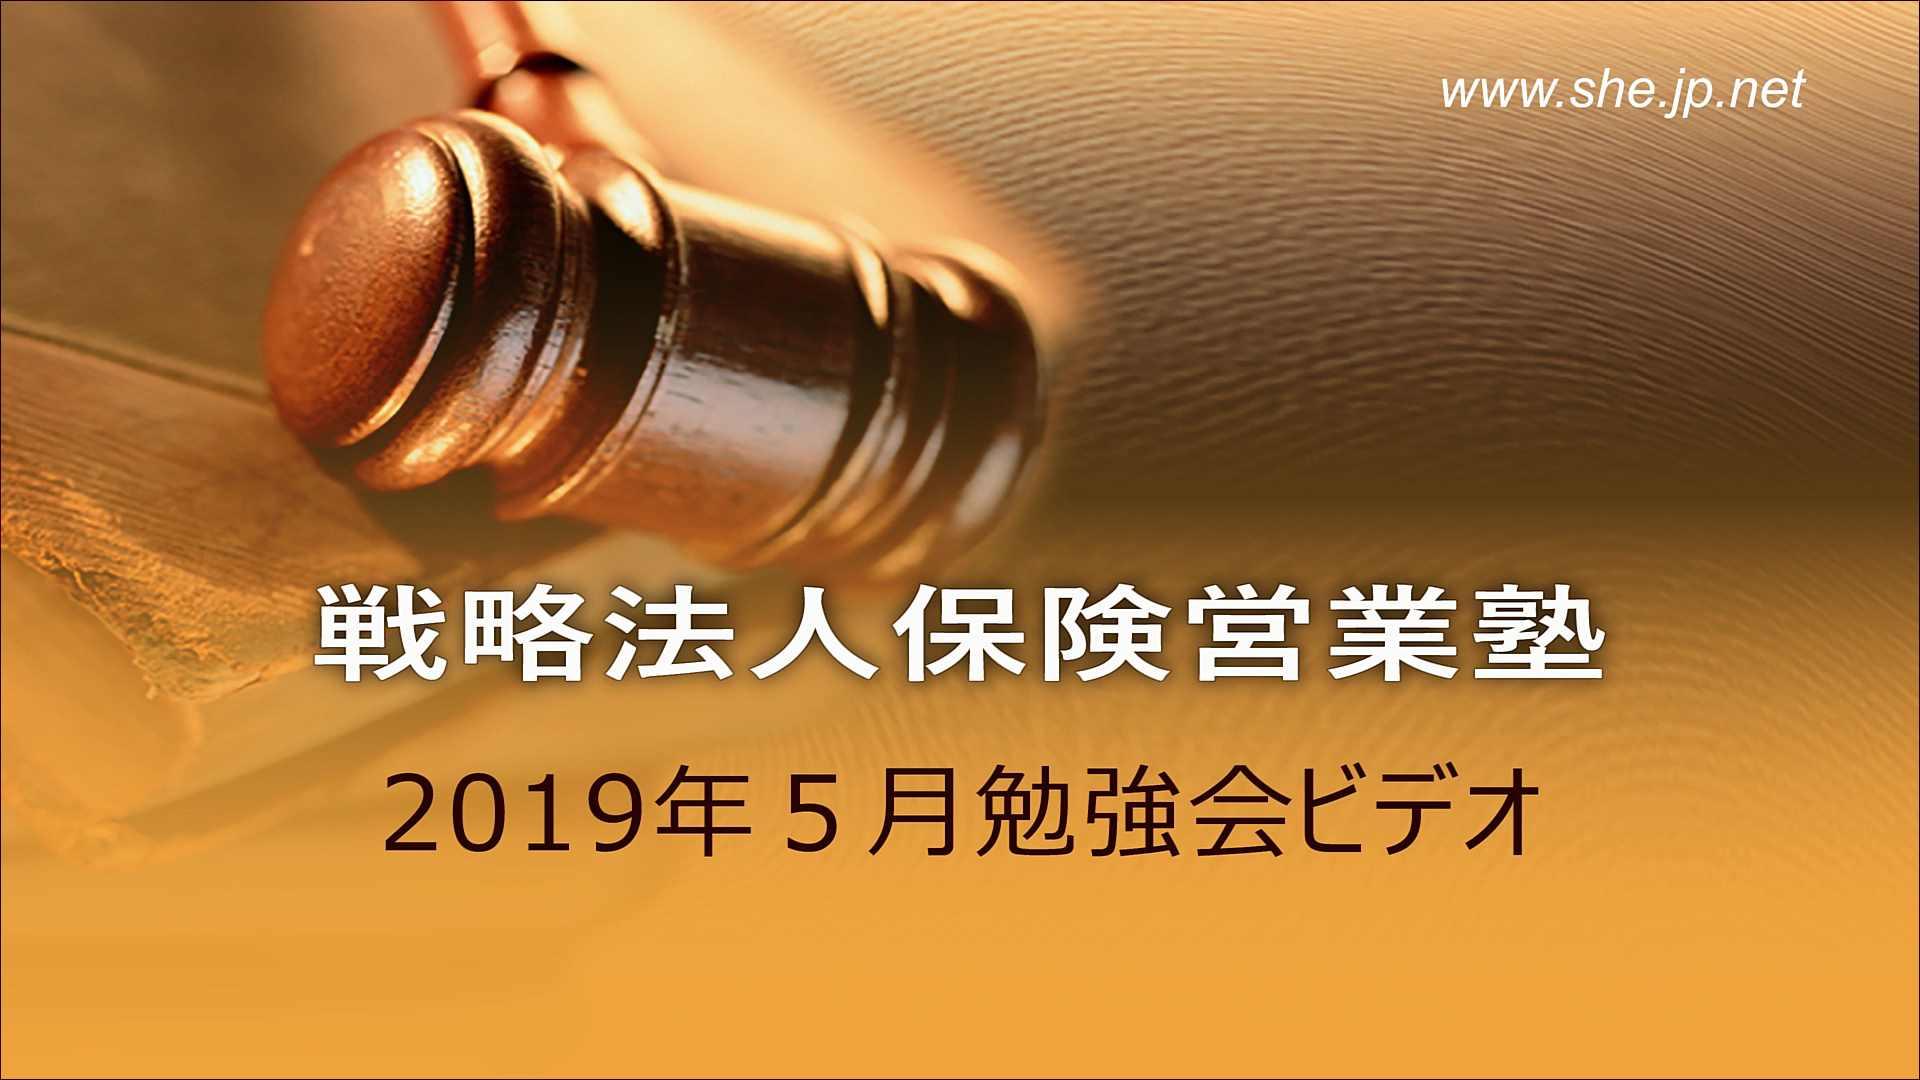 【受講者専用】 2019年05月度LiveSHE勉強会ビデオ(メンバー限定)